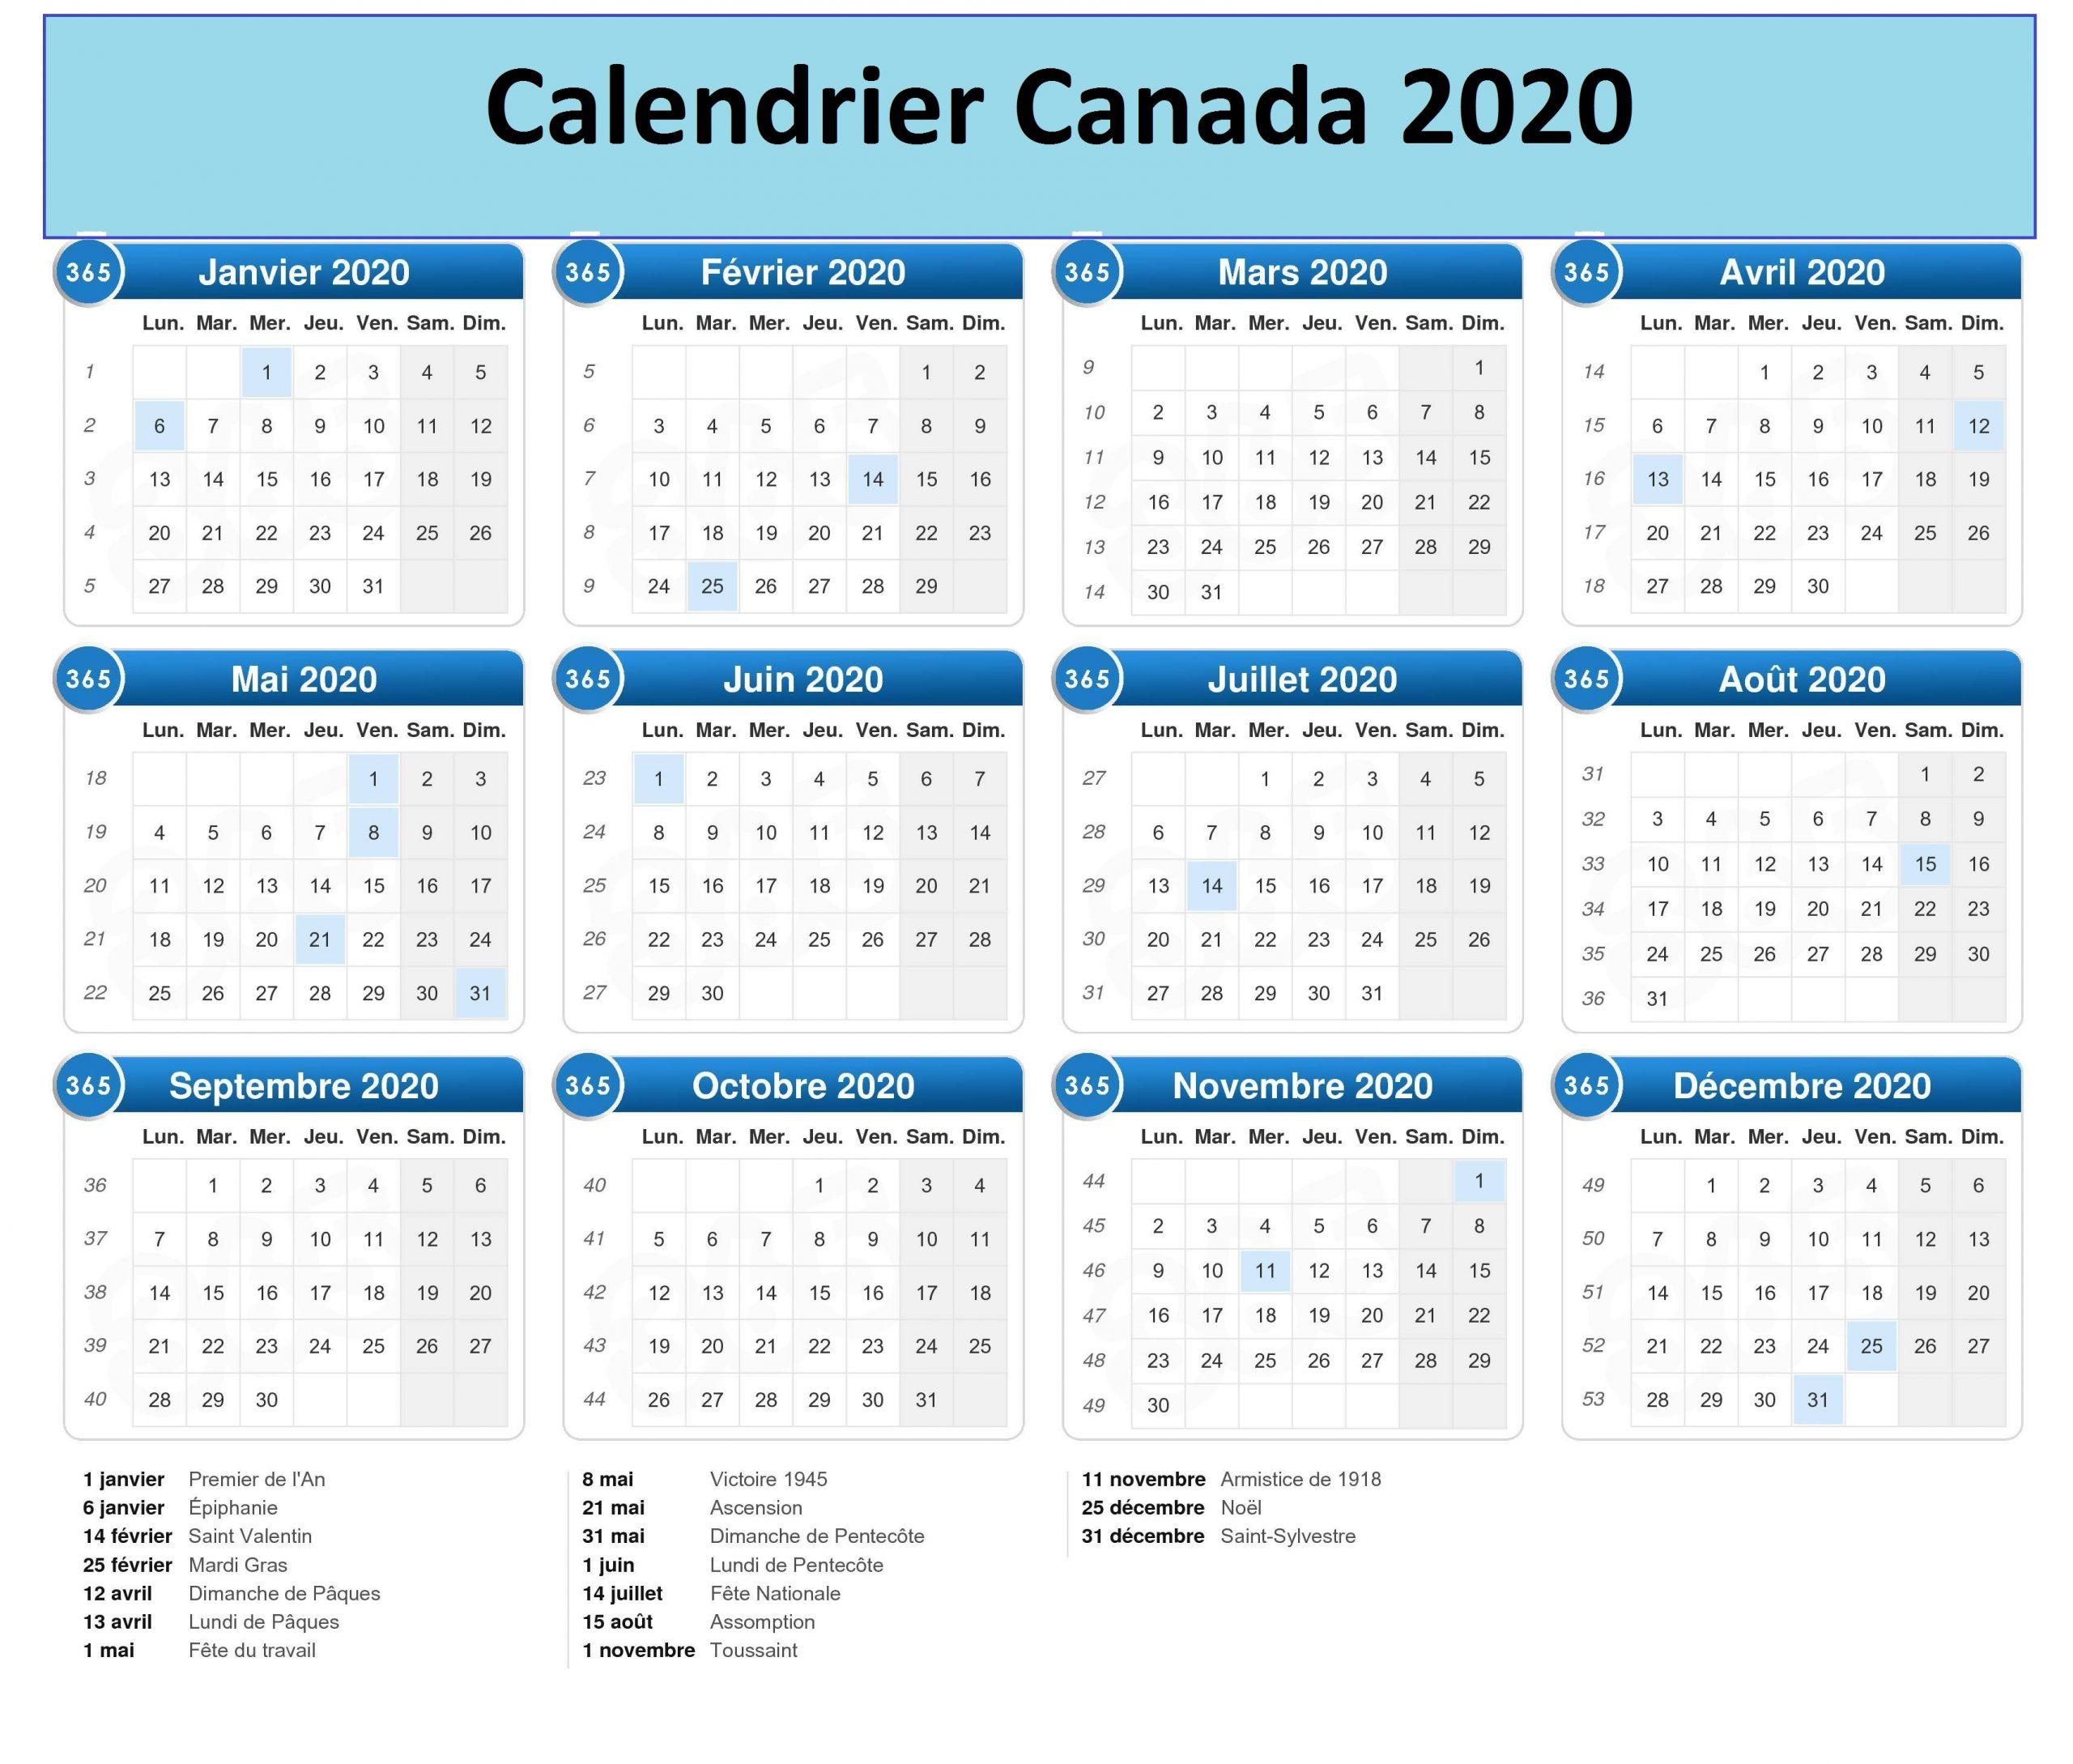 Calendrier 2020 Canada Quebec